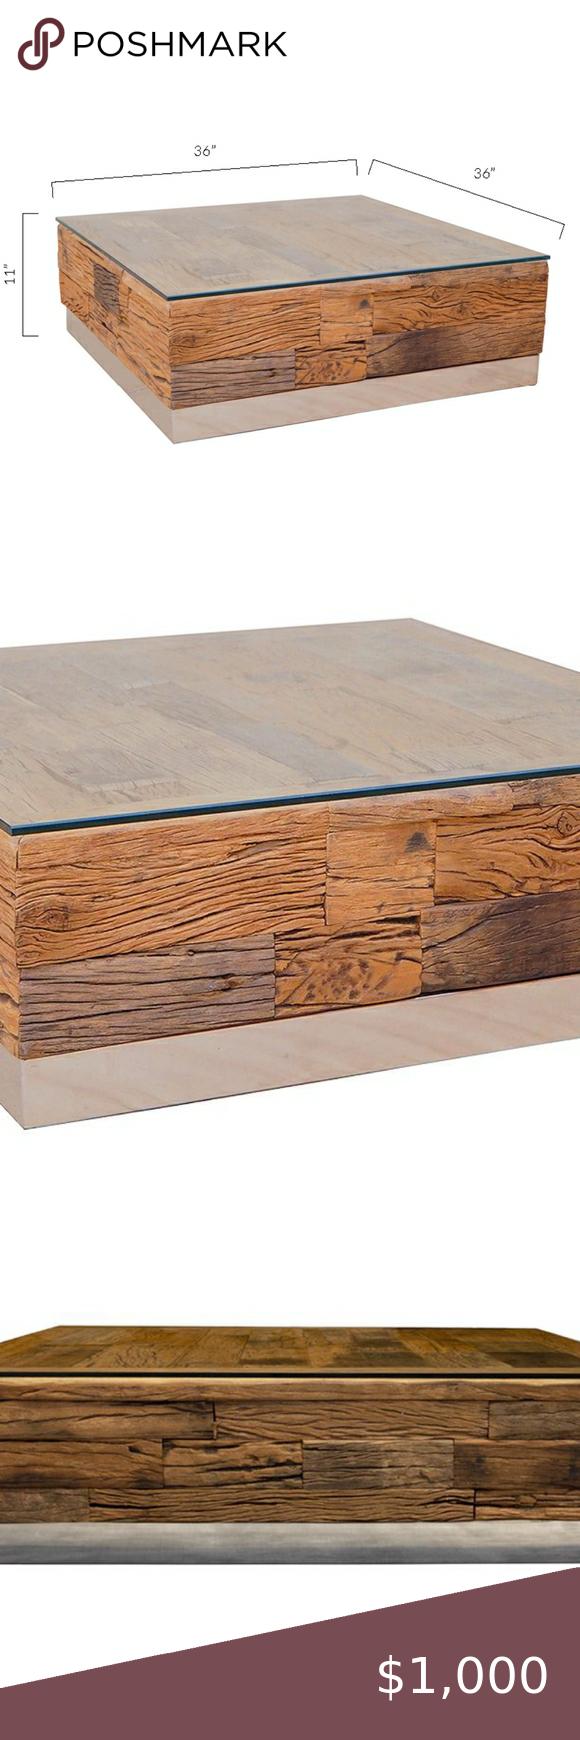 Modani Furniture Wood Glass Top Coffee Table Gorgeous Wooden Glass Top Coffee Table Low To The Ground Style Glass Top Coffee Table Wood Glass Modani Furniture [ 1740 x 580 Pixel ]